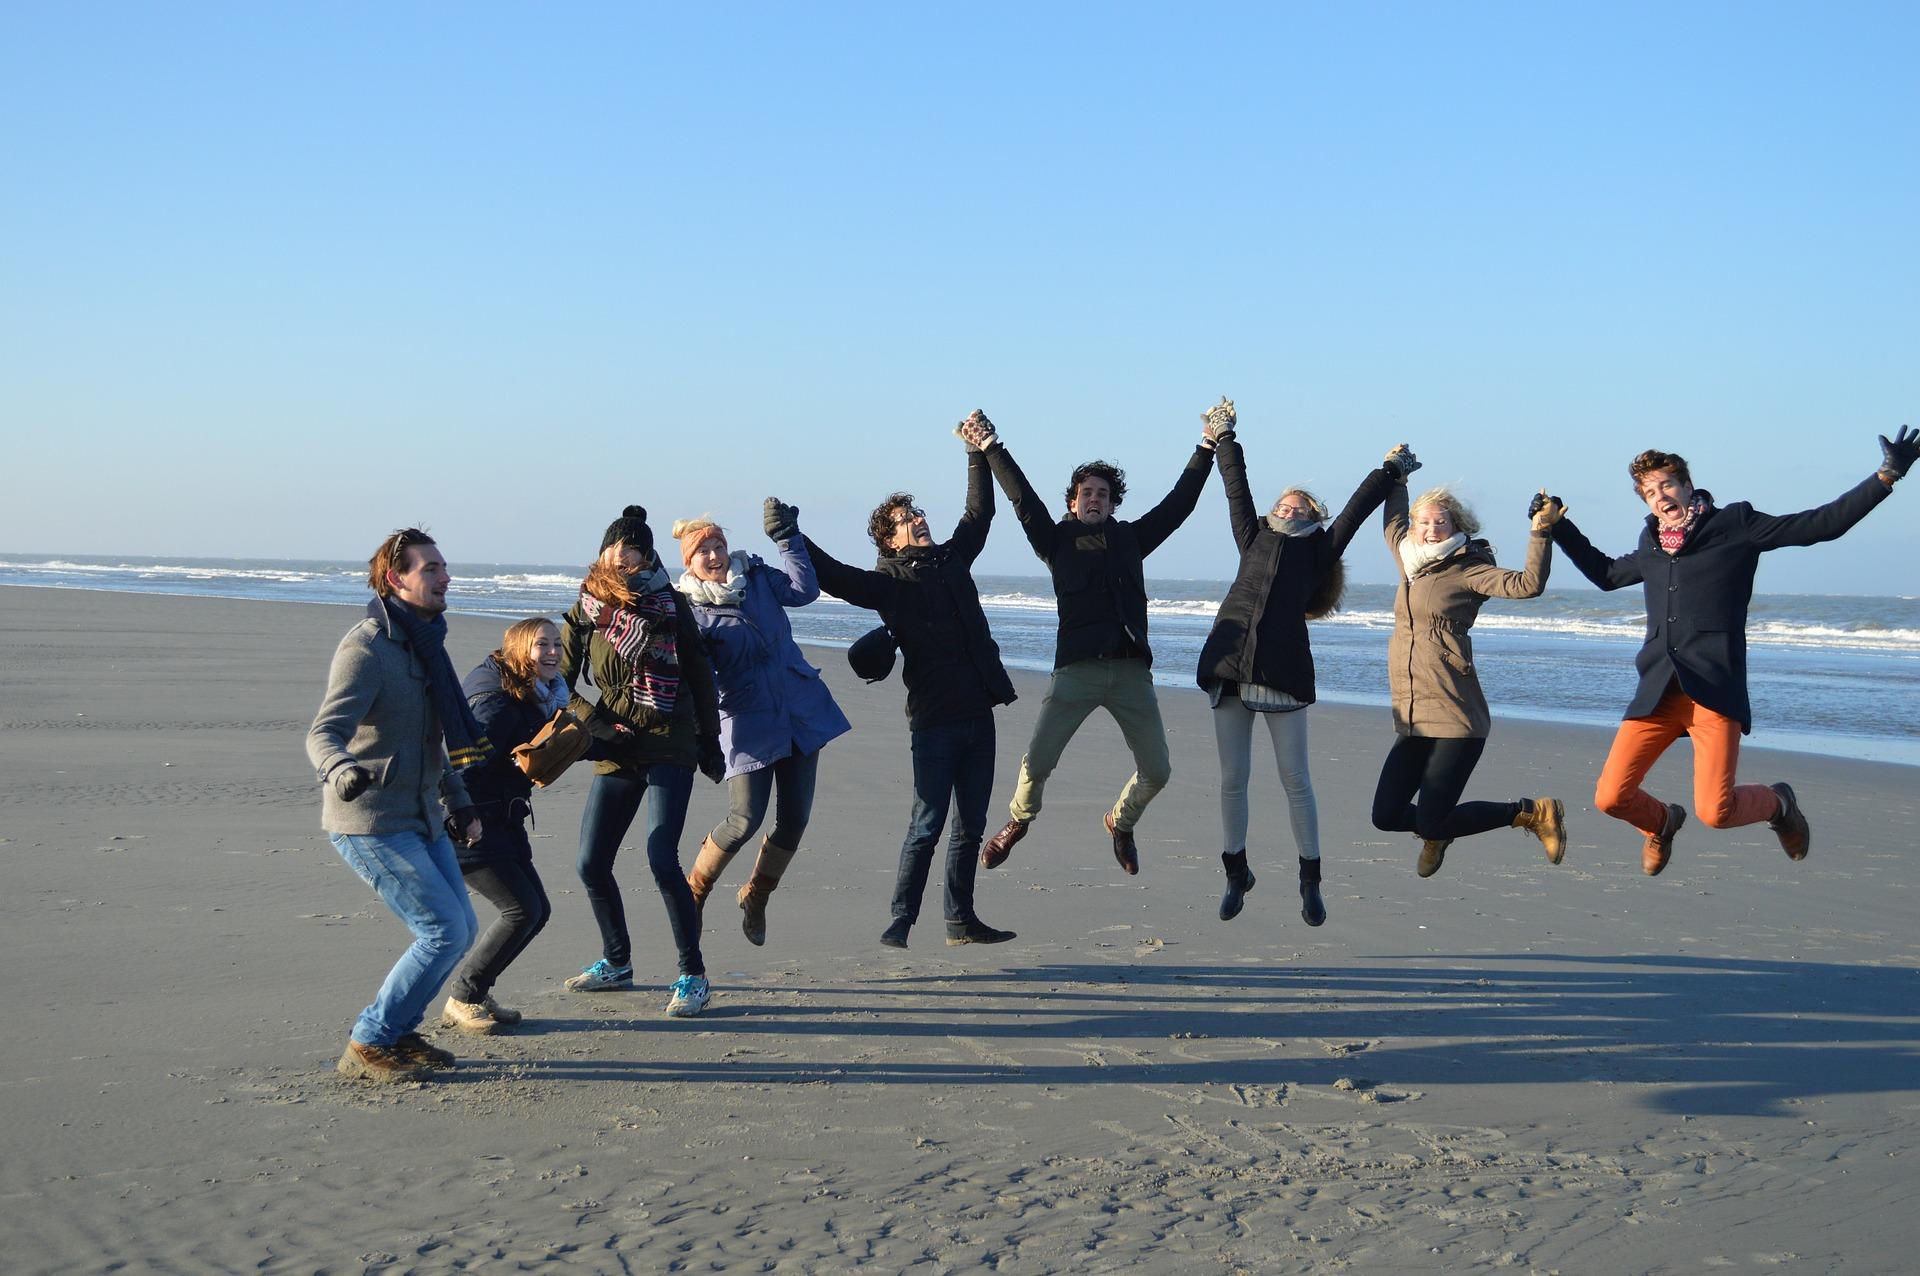 group jump on the beach